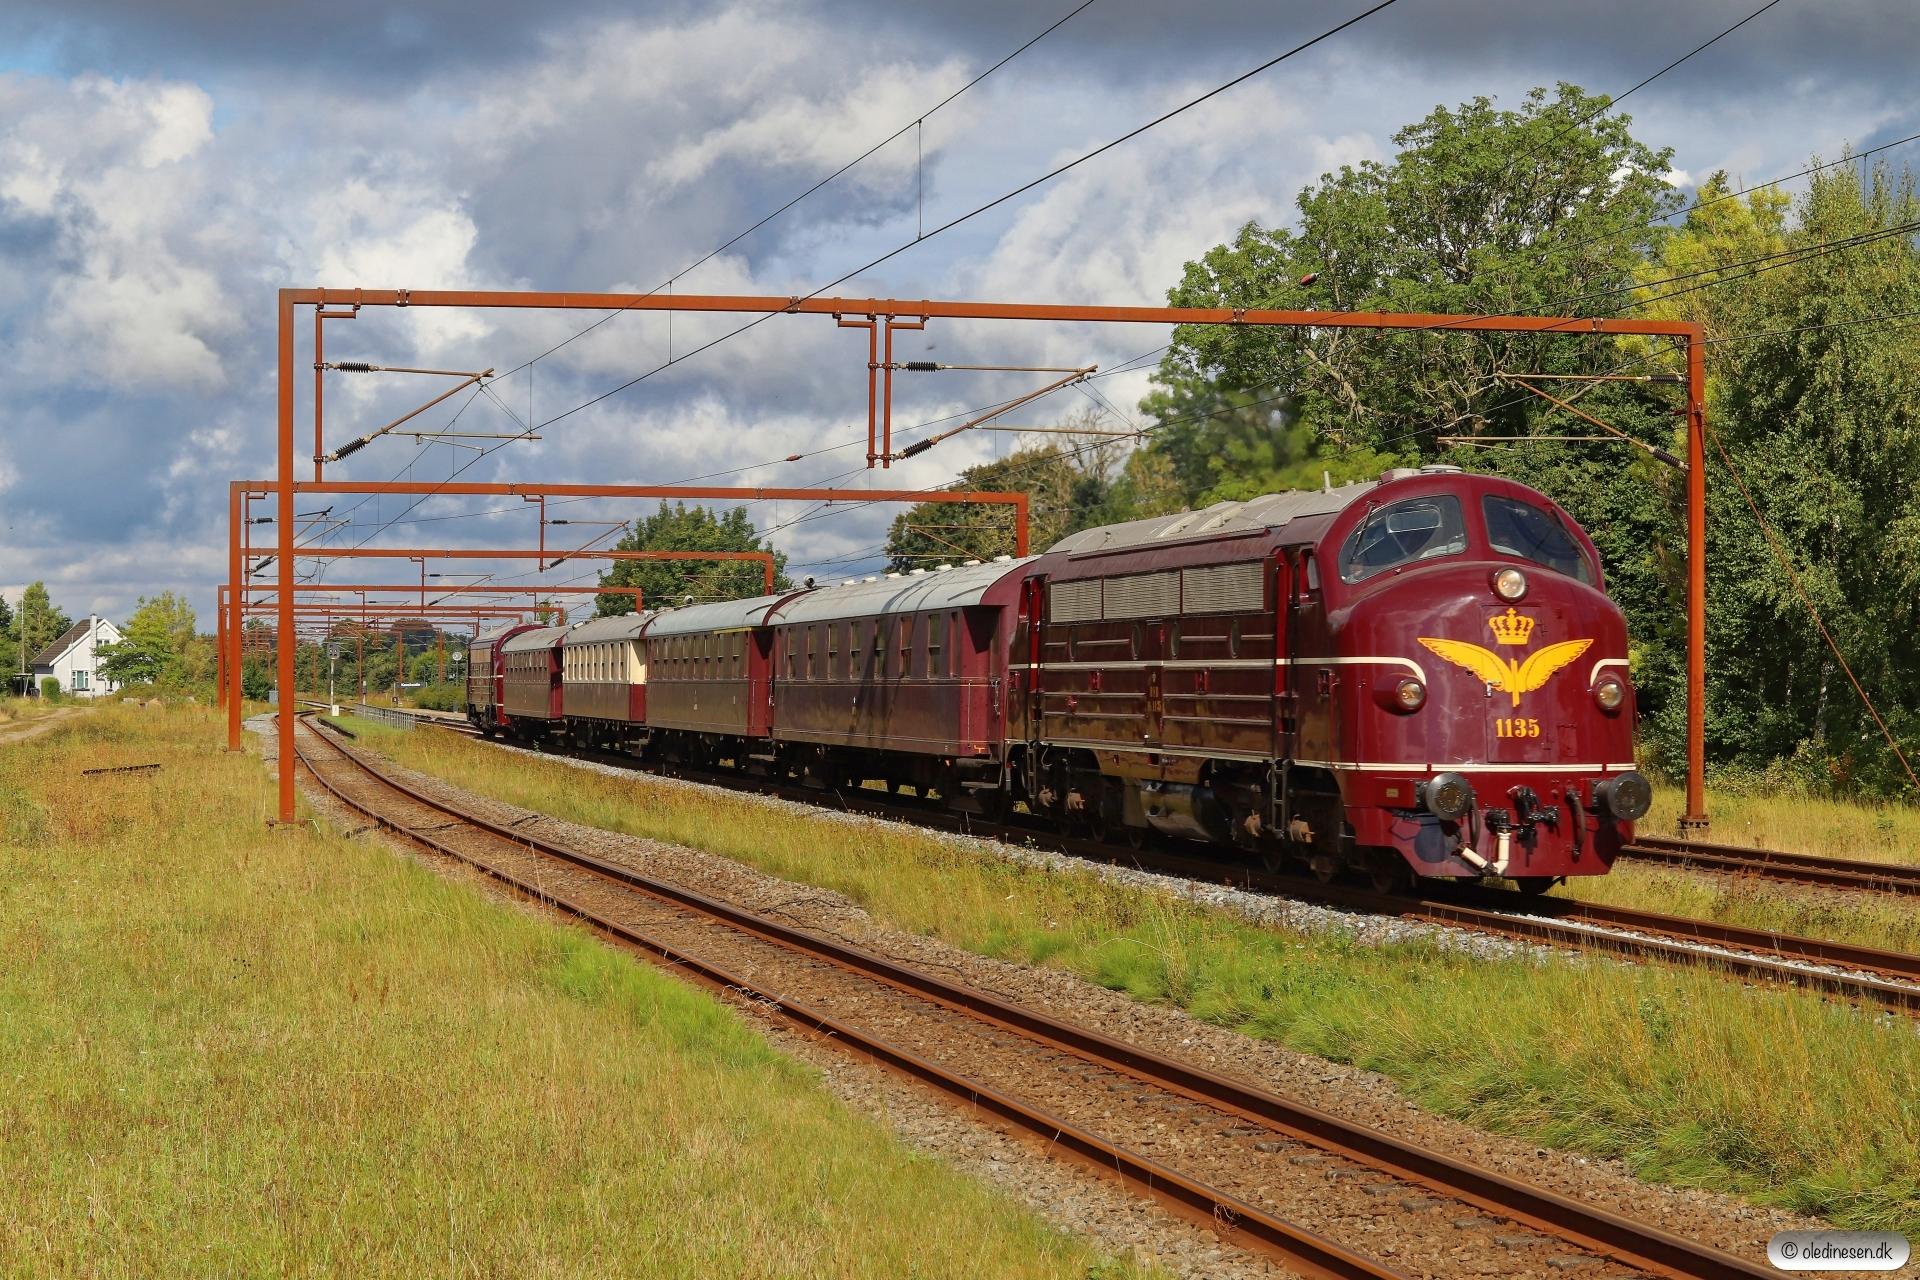 DSB MY 1135+AC+AX+BU+CC+MY 1101 som VM 6402 Fa-Ro. Kauslunde 30.08.2020.